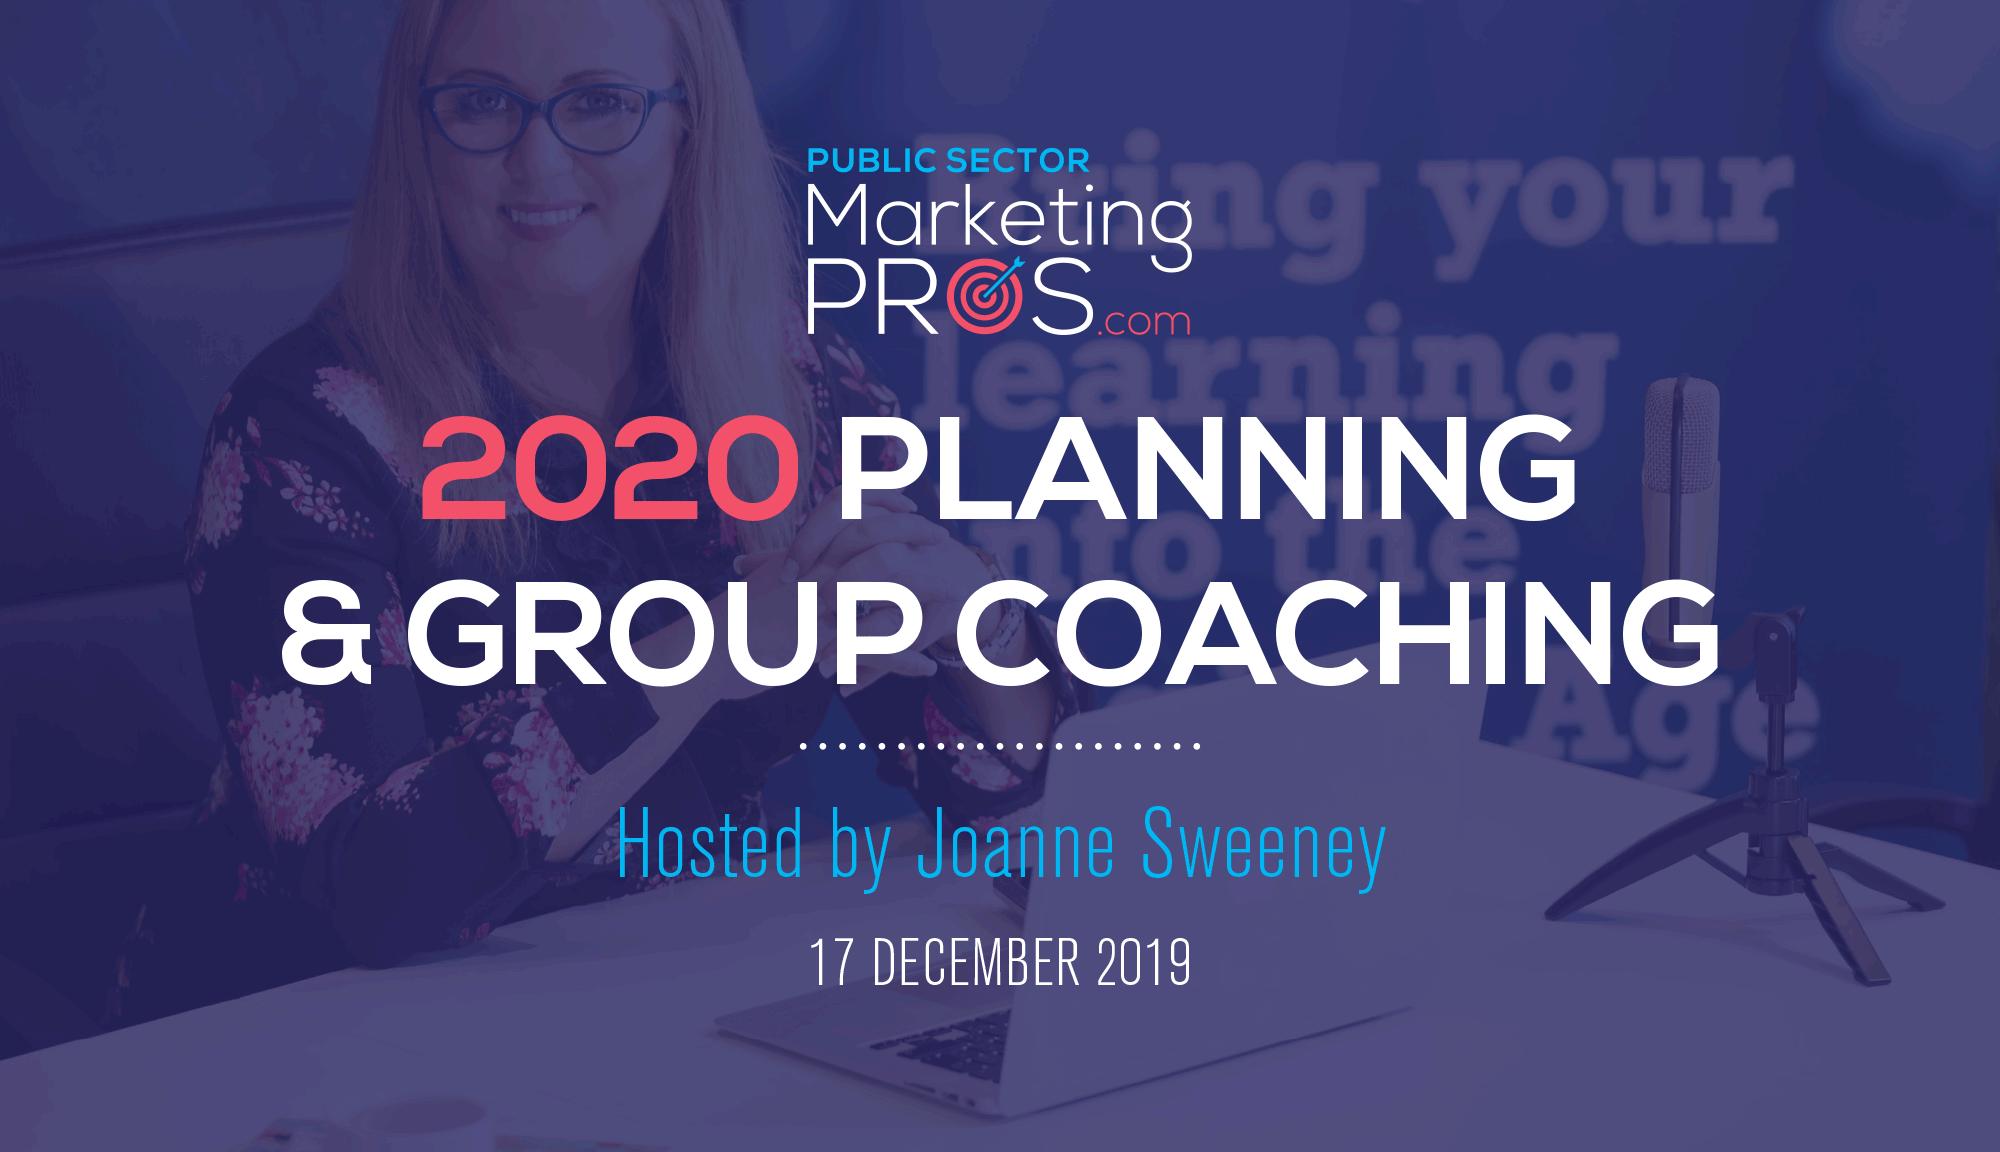 2020 Planning & Group Coaching Webinar